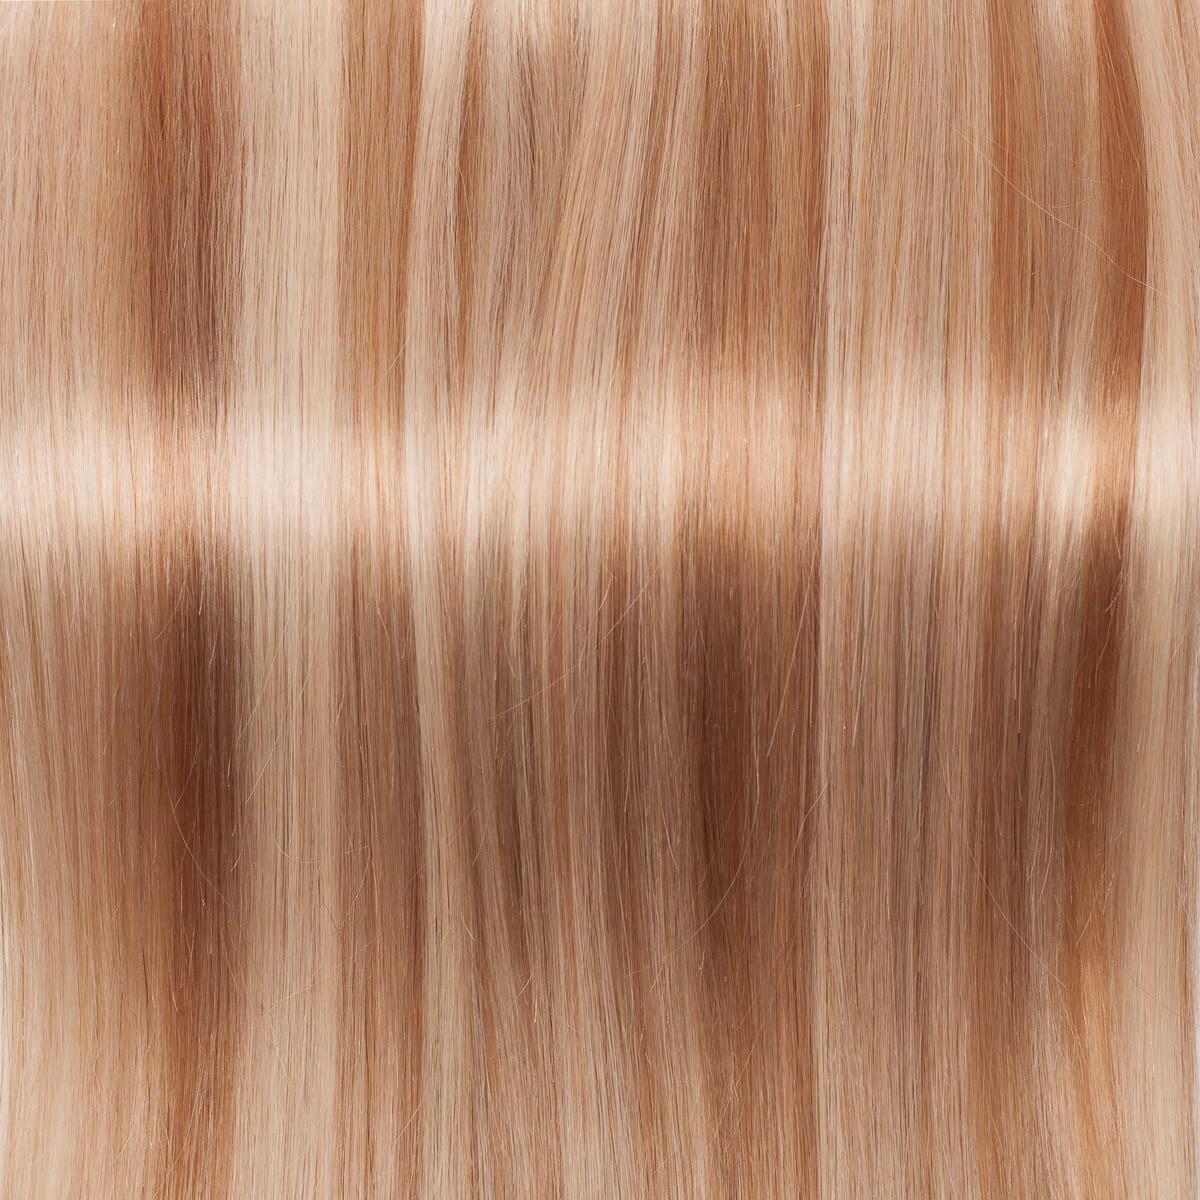 Nail Hair M22 Chad Wood Blond Mix 50 cm